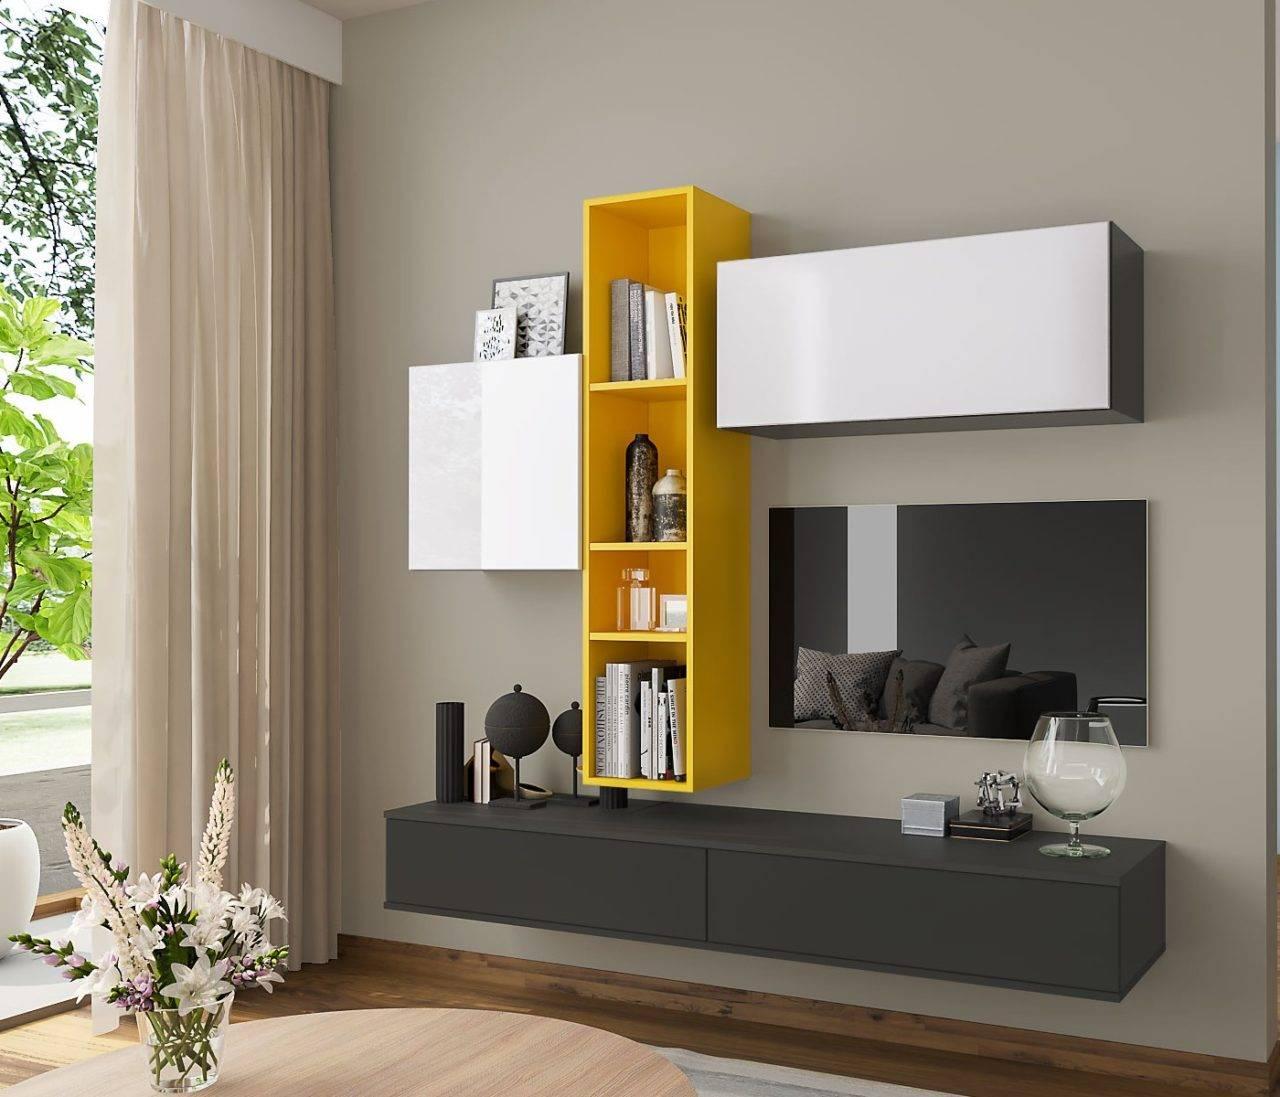 Шкаф-стол, функциональность, разновидности, конфигурации